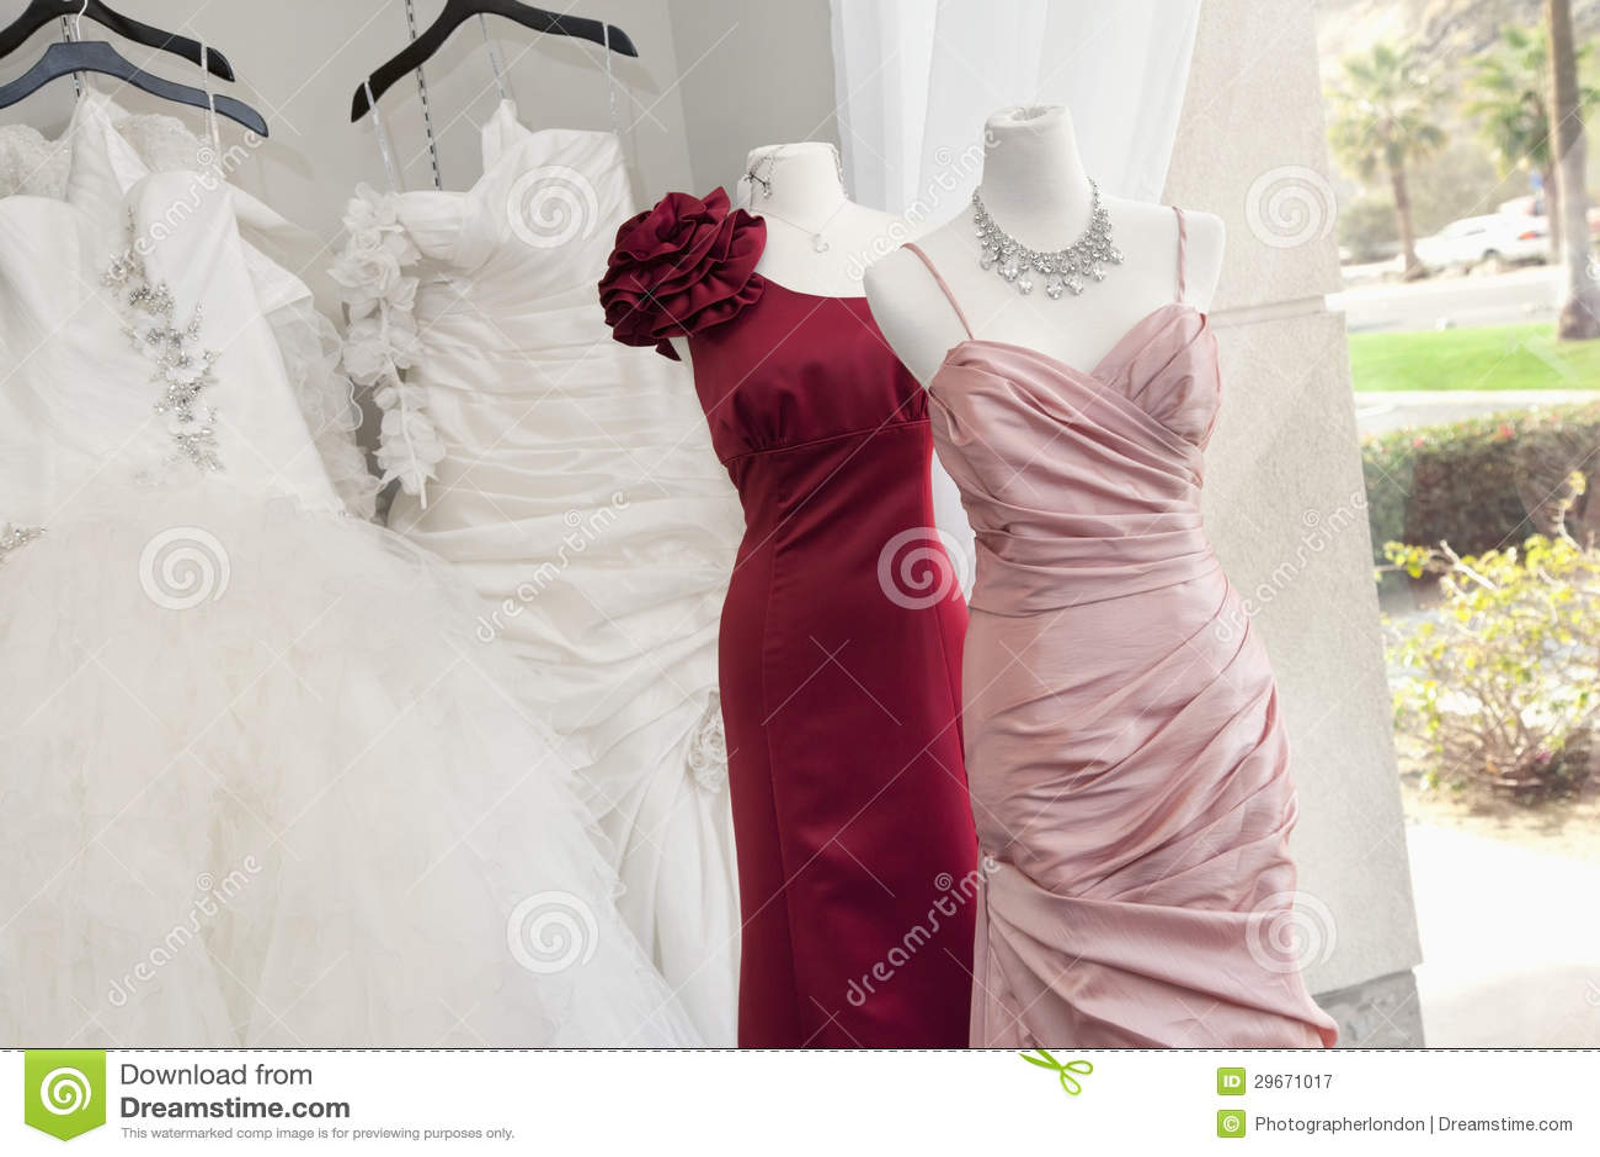 Ausgezeichnet Speicher Für Hochzeitskleid Ideen - Hochzeit Kleid ...